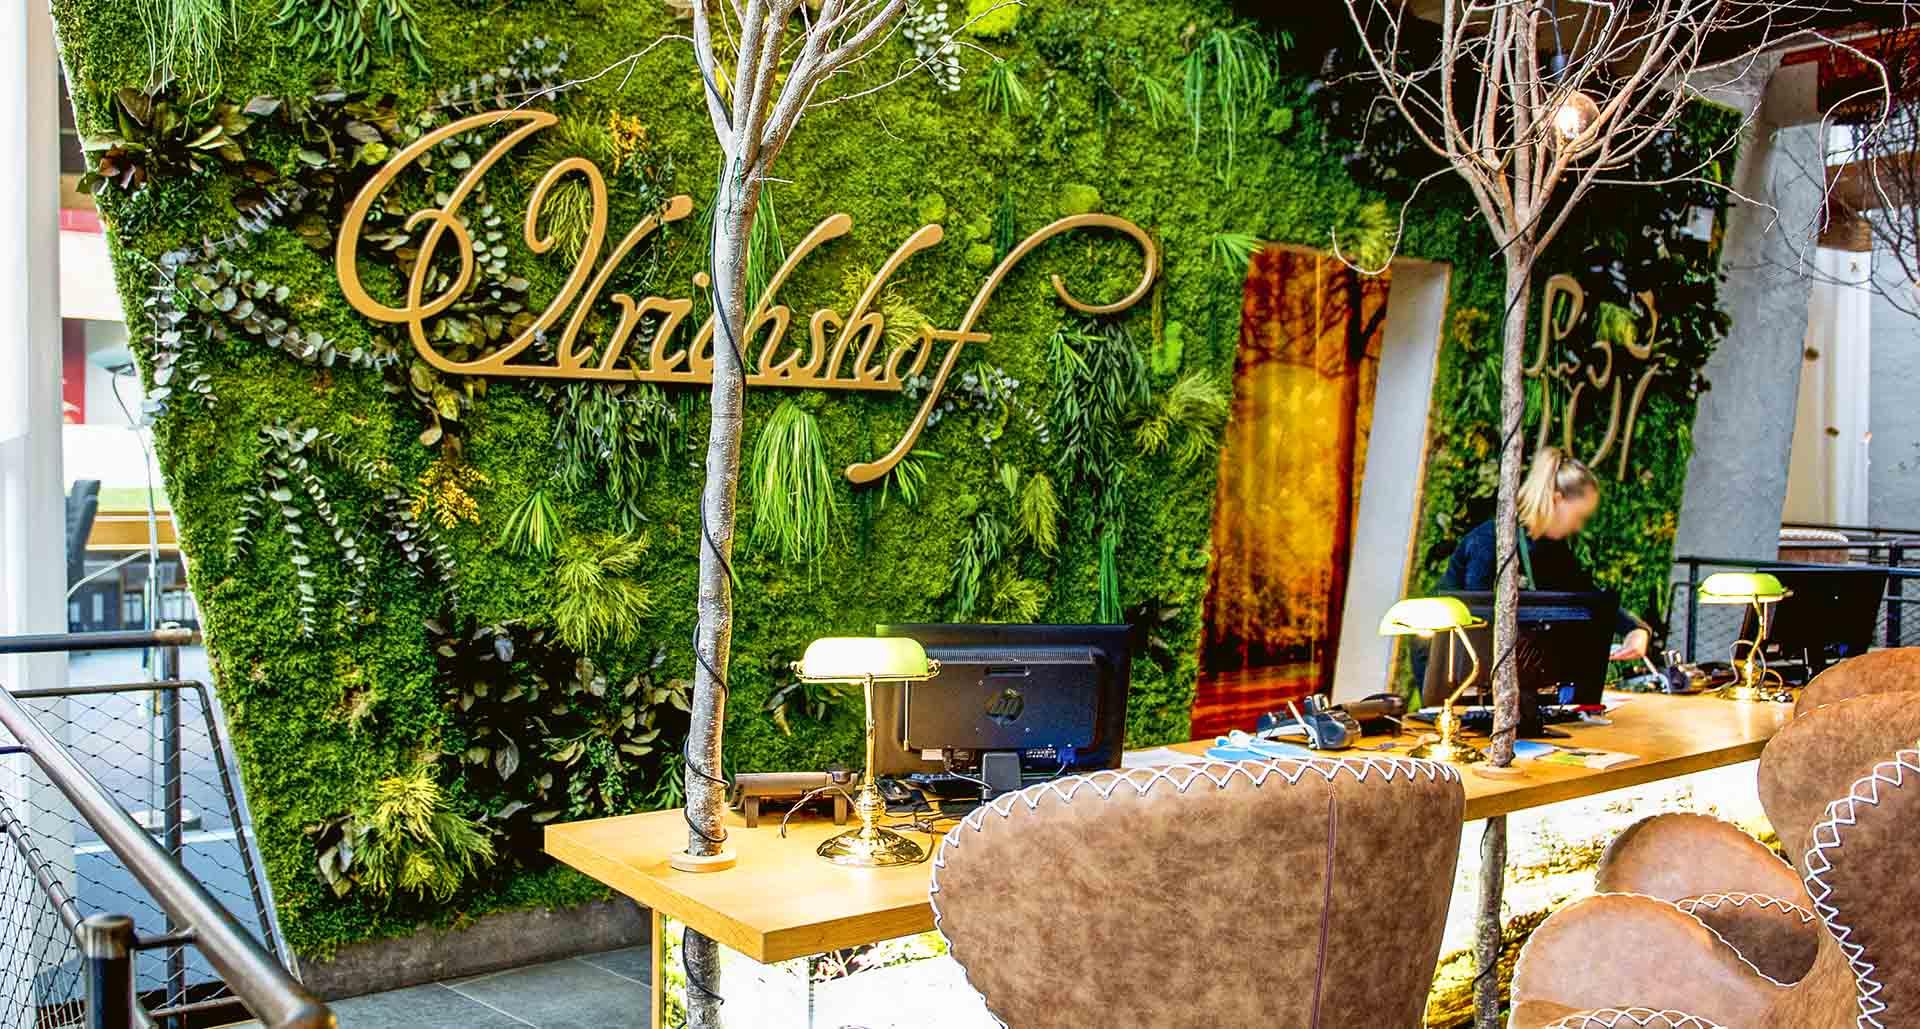 Dschungelmooswand mit Logo Hotel Ulrichshof